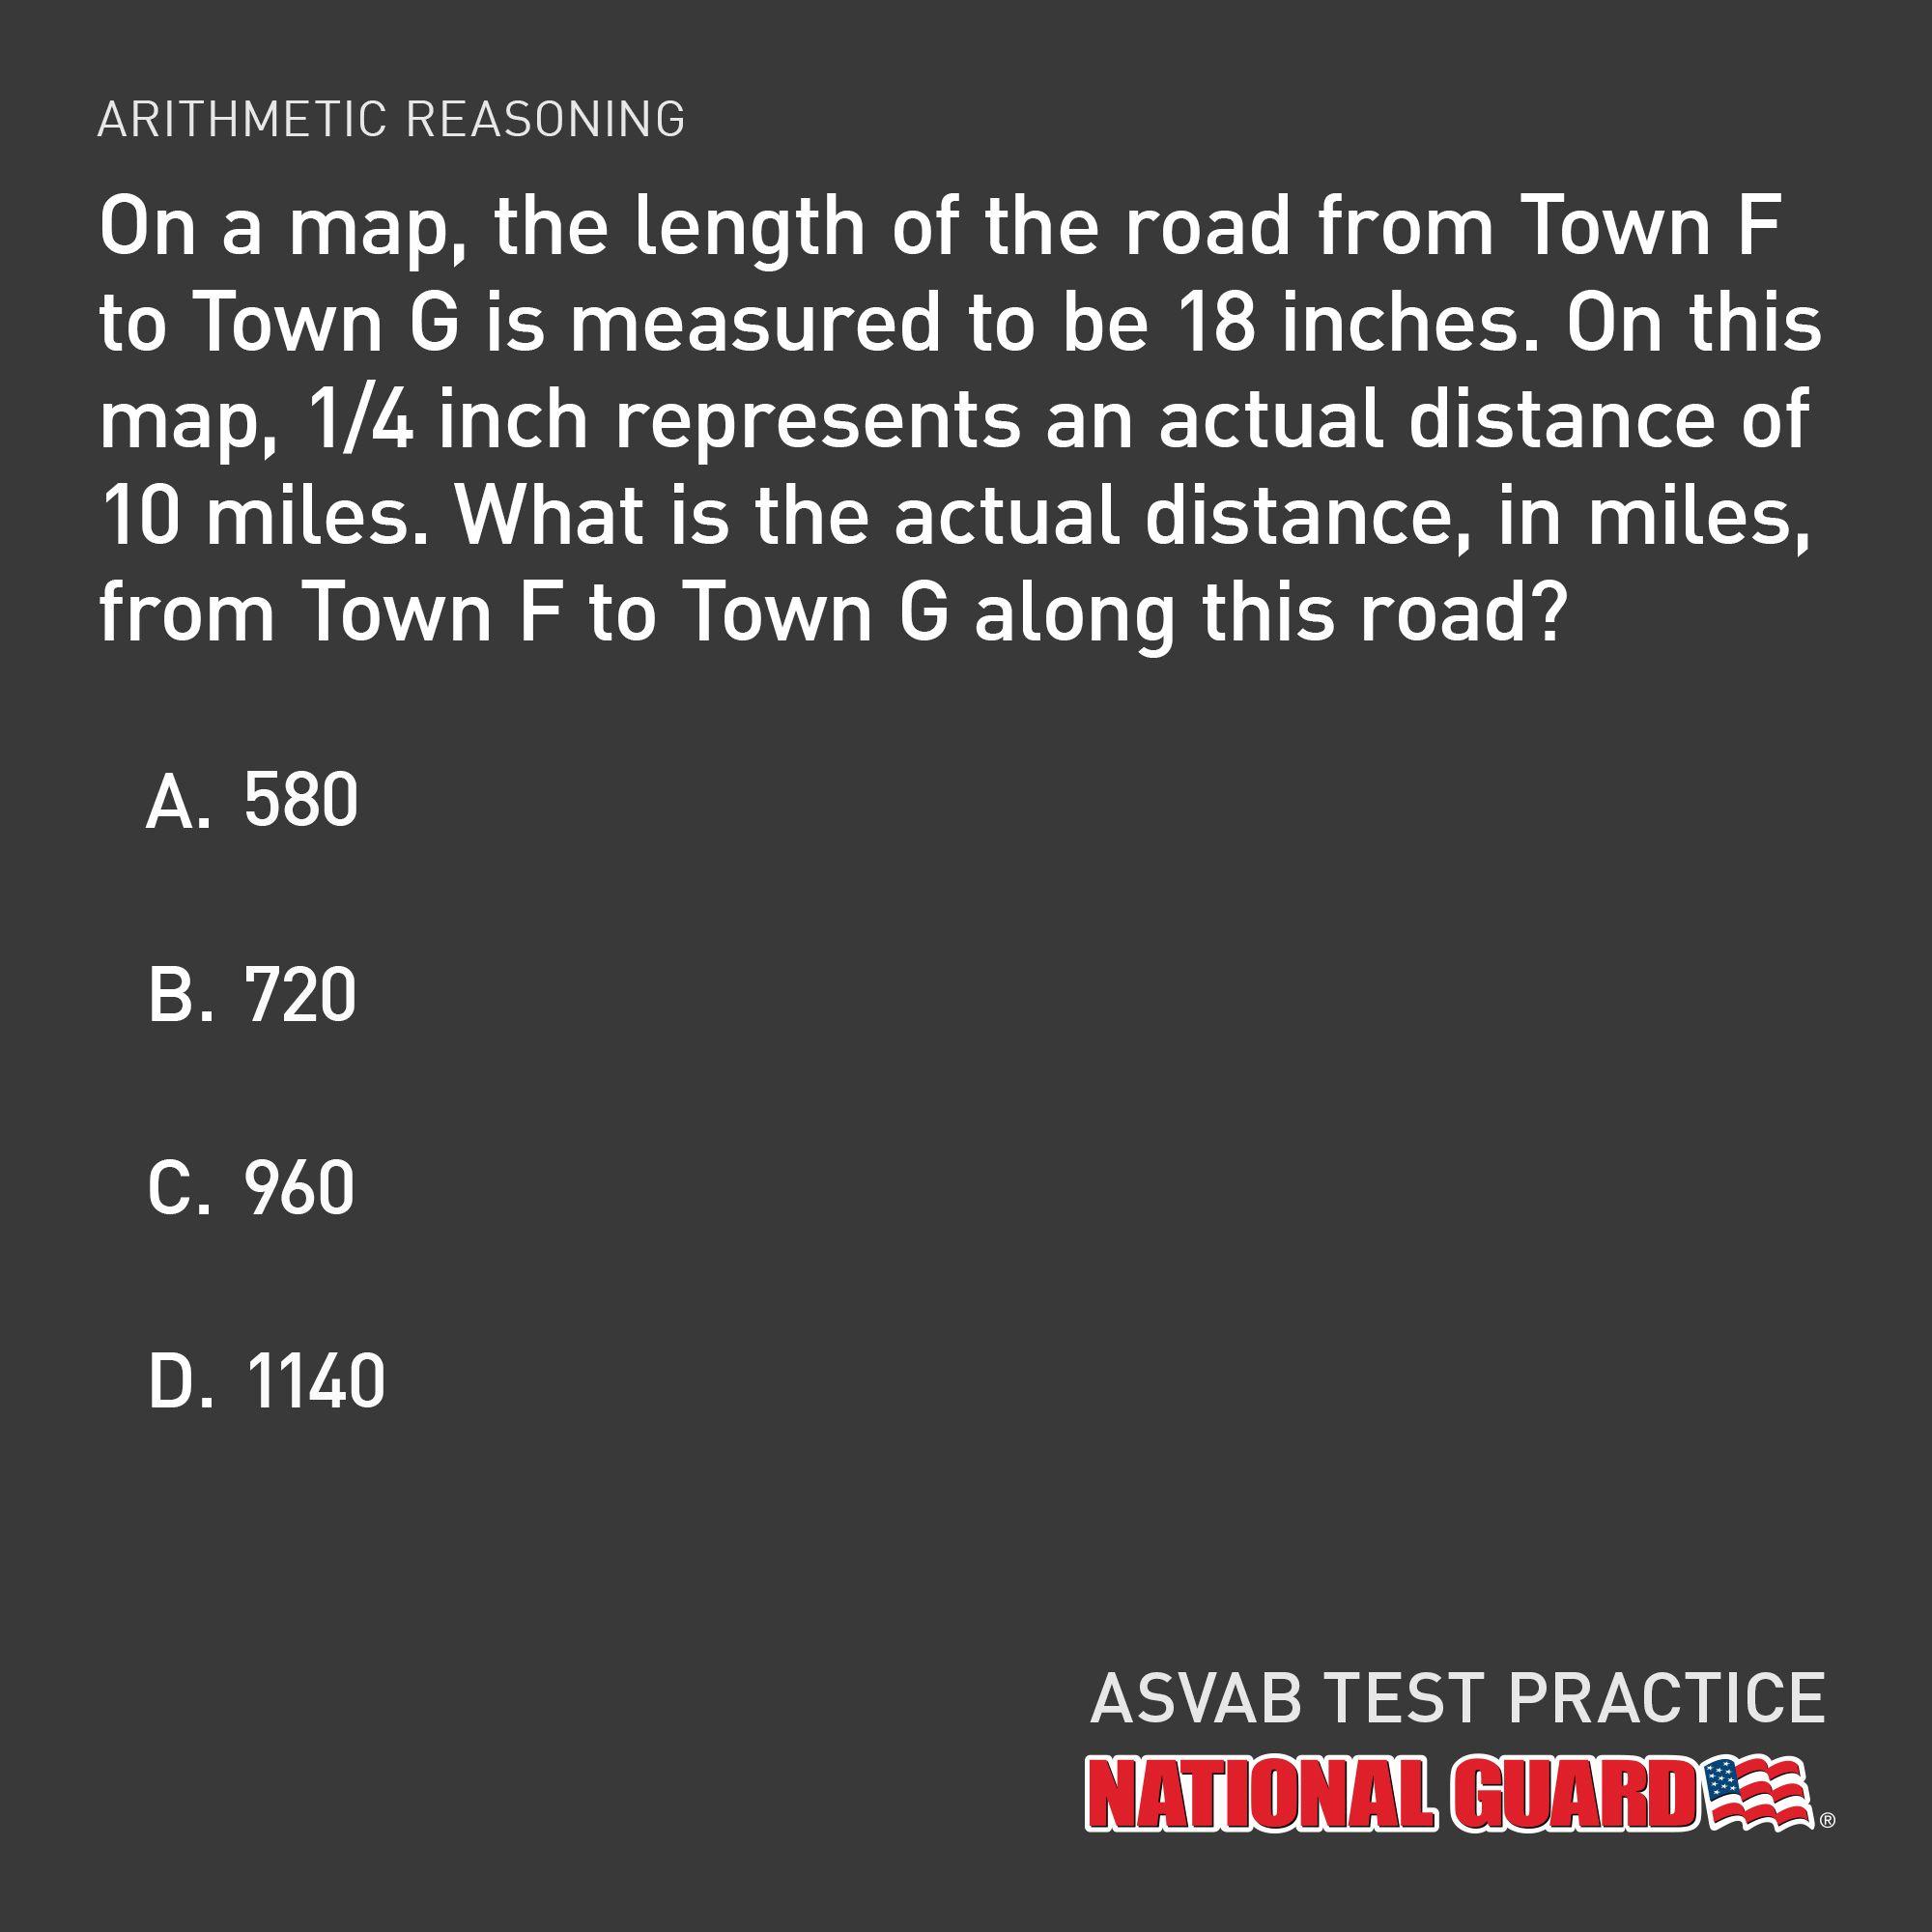 Answer B 720